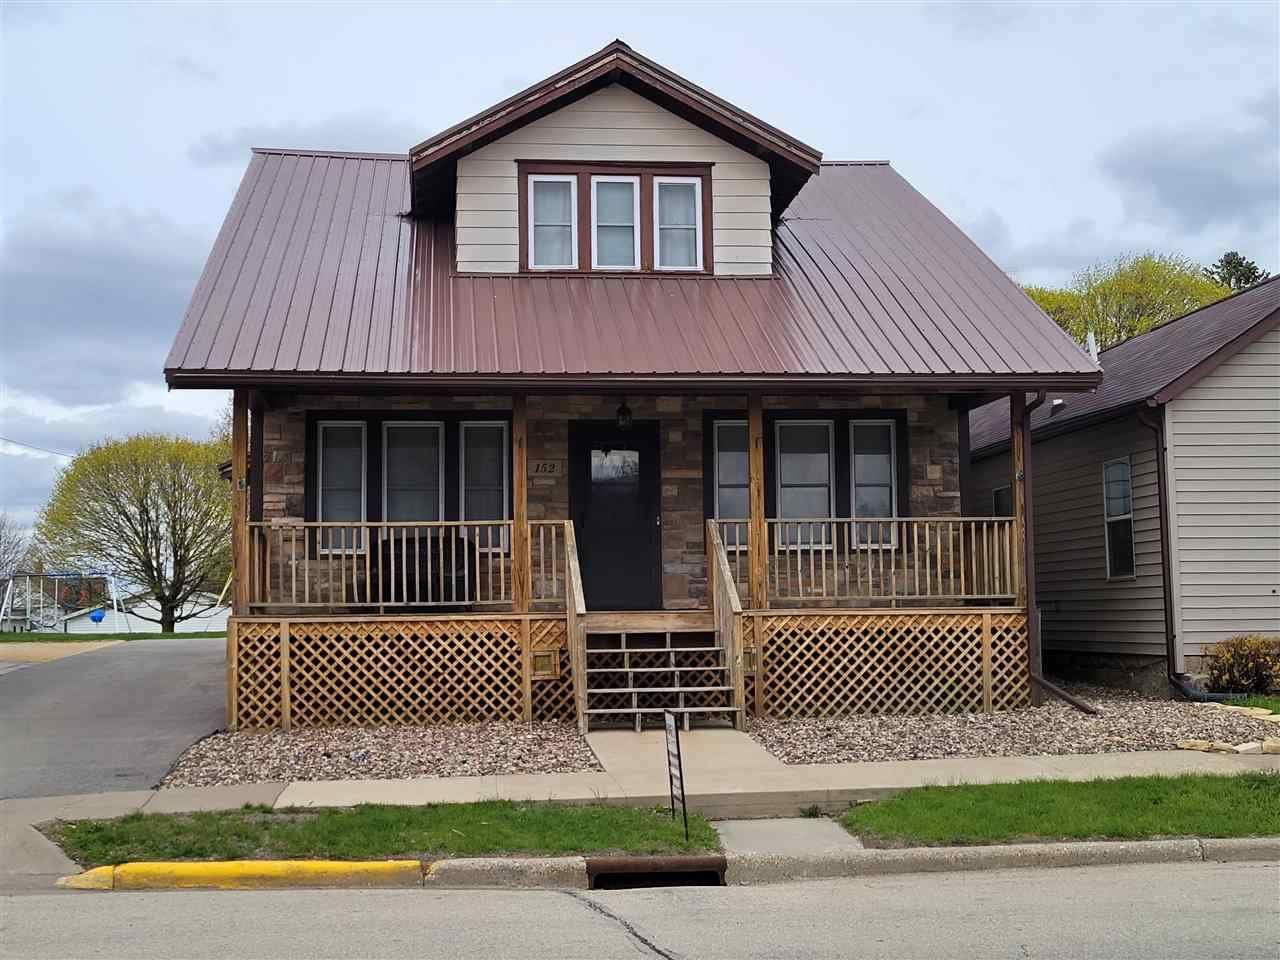 152 E Main St, Benton, WI 53803 - #: 1907070